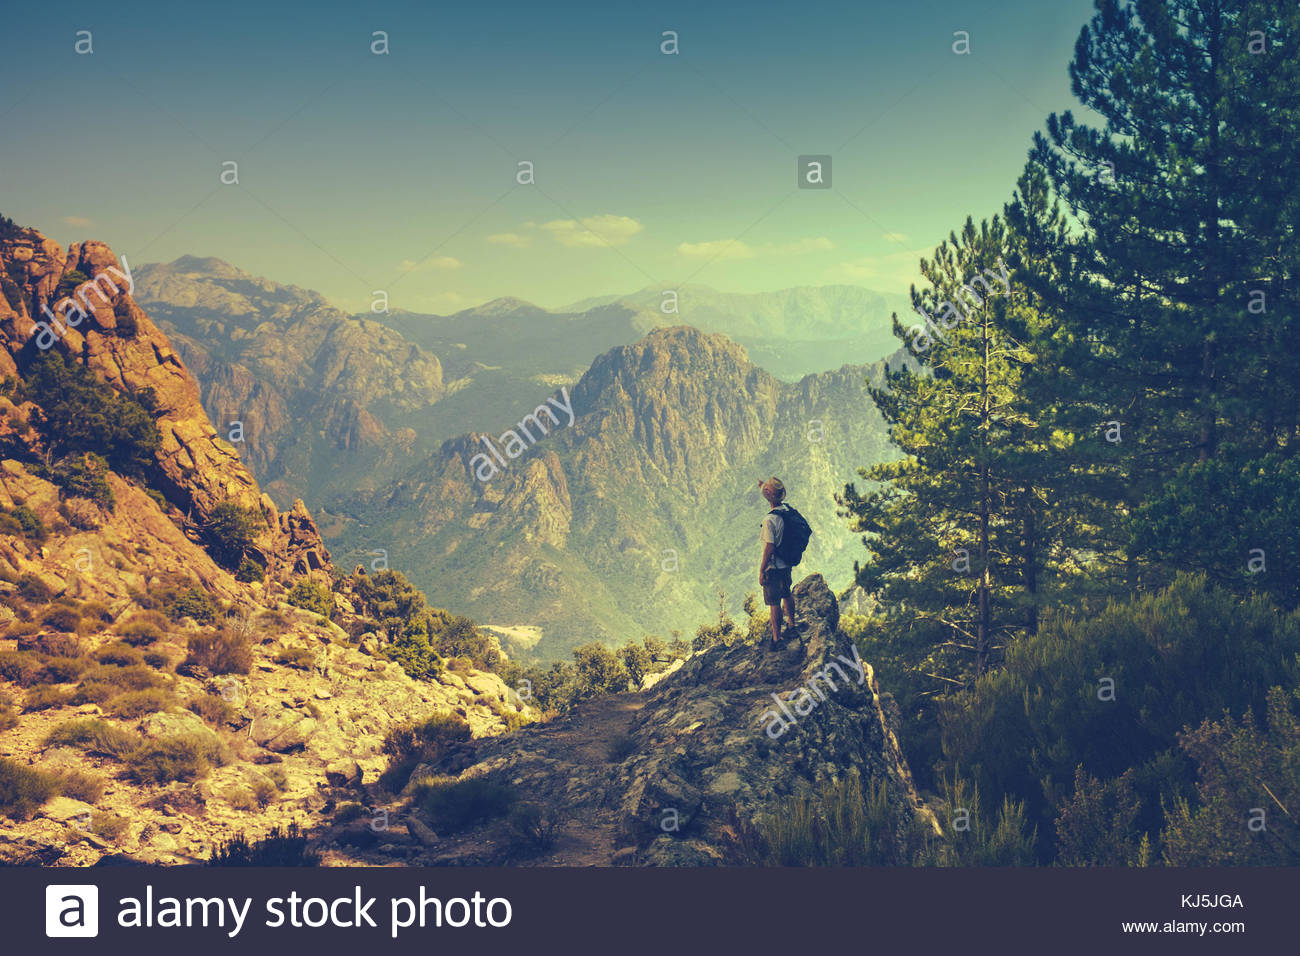 Menschen wandern in die Berge Stockbild